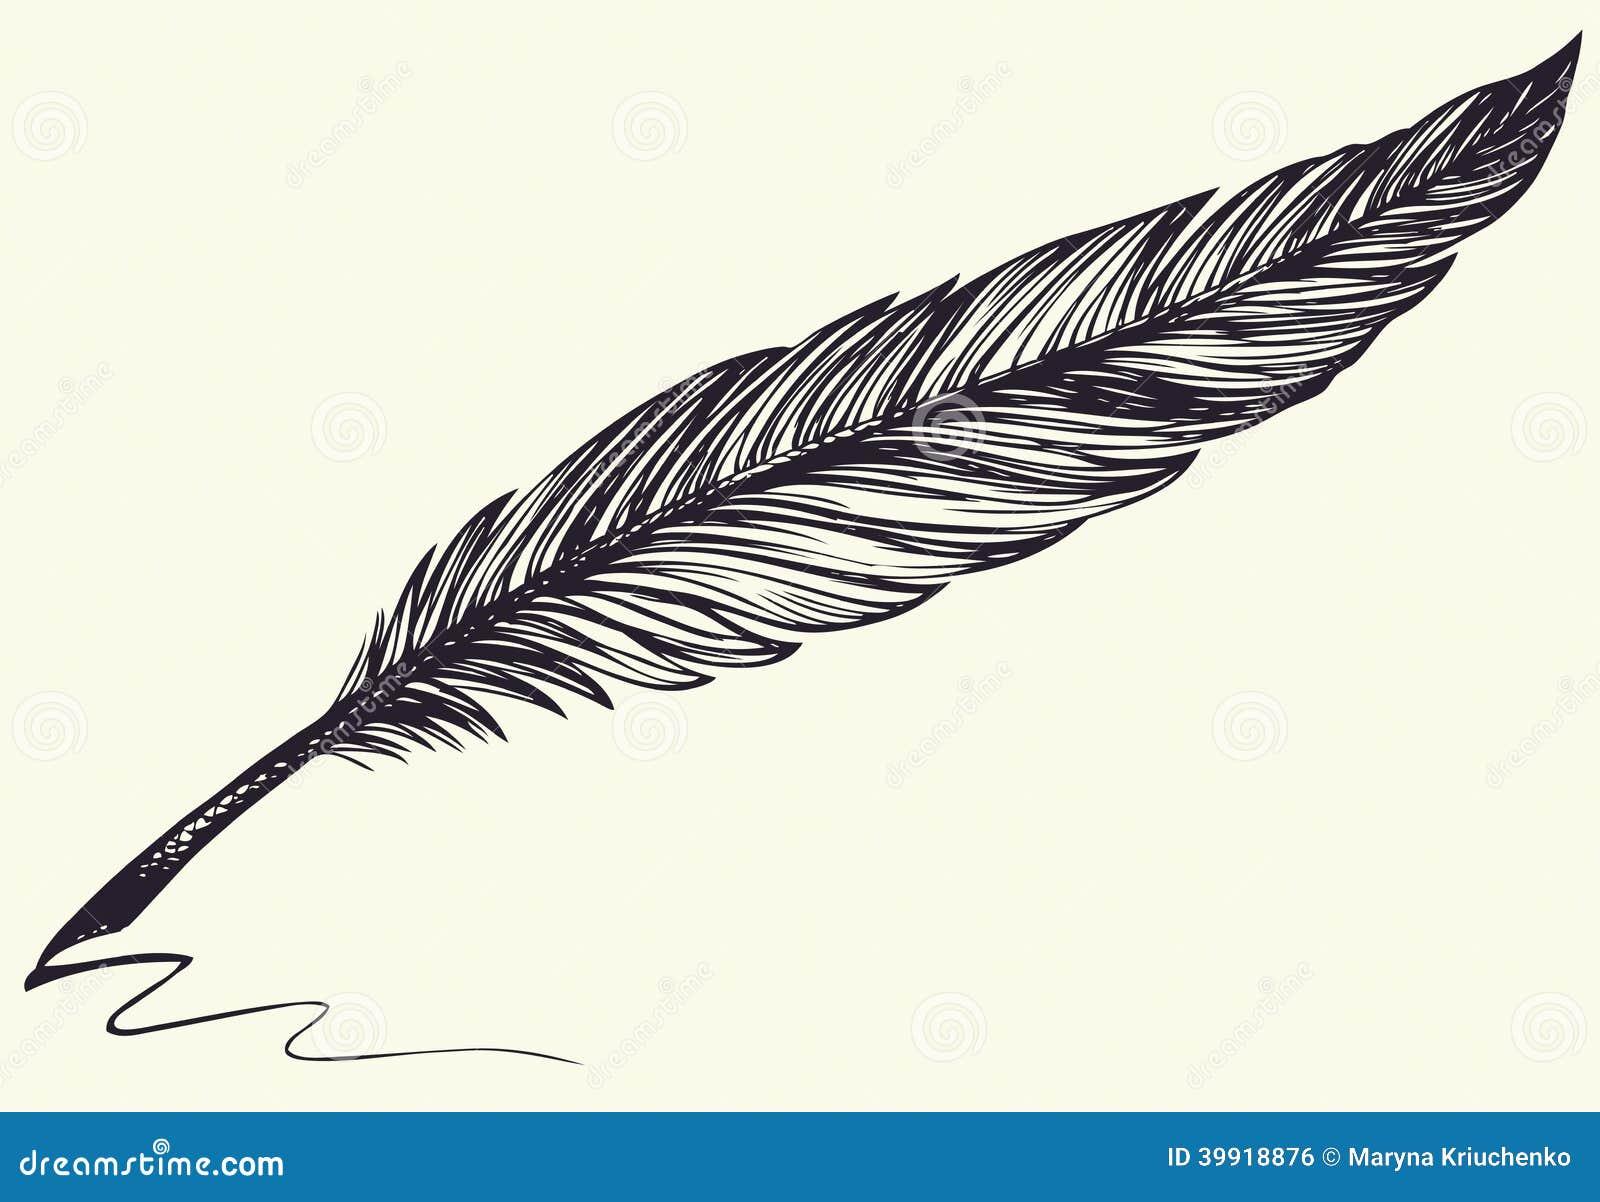 dessin de dessin main lev e de vecteur de plume d 39 oiseau fonc e illustration de vecteur. Black Bedroom Furniture Sets. Home Design Ideas